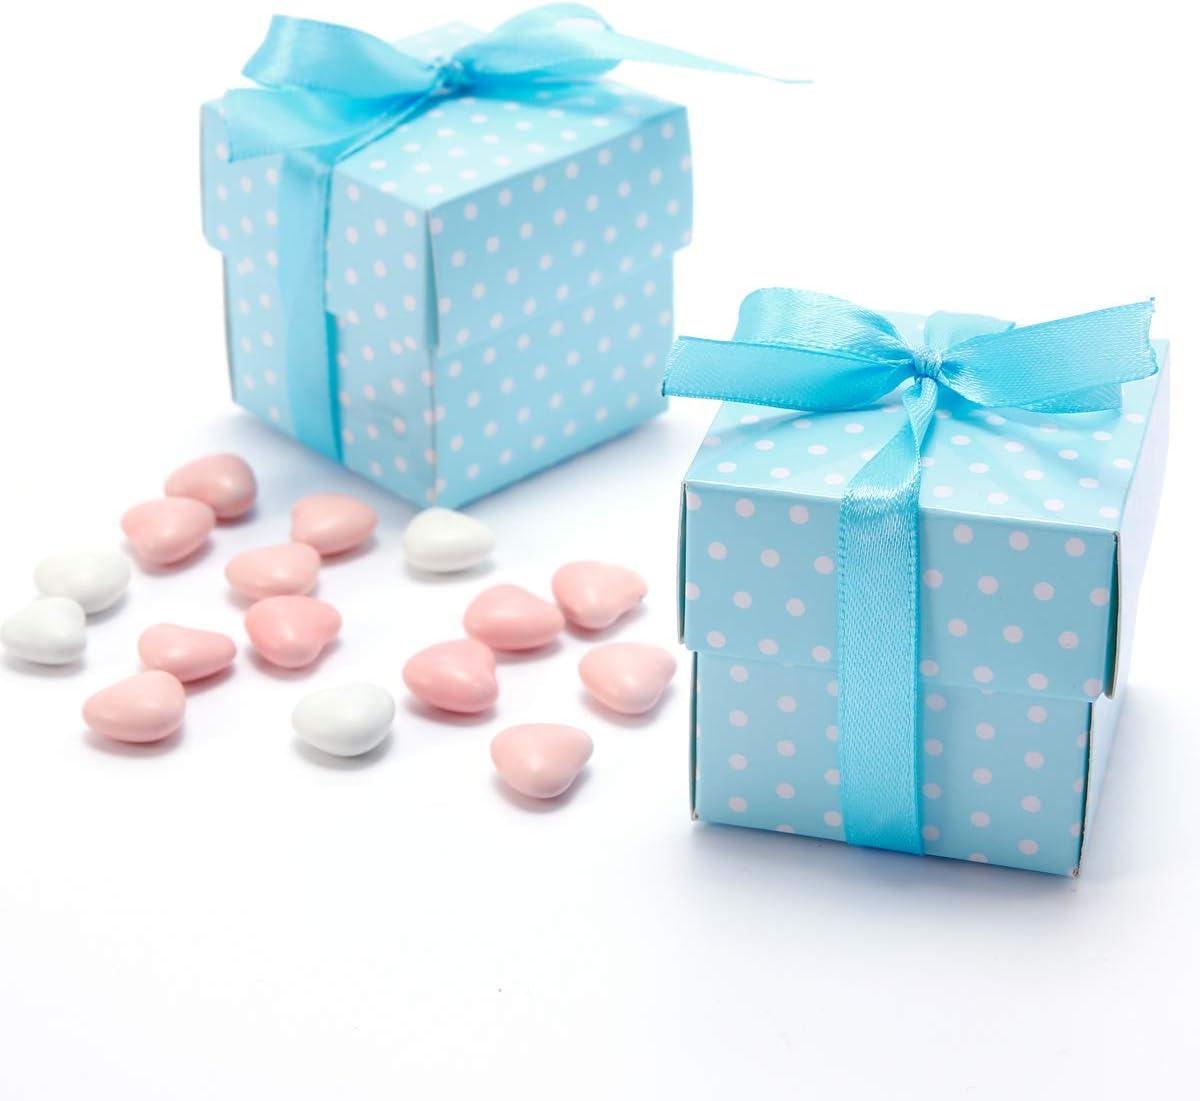 AONER Seidenb/änder Geschenkbox f/ür Hochzeit 6 * 6 * 6cm F/ü/ße - Himmelblau Pralinenschachtel s/ü/ßigkeiten Bonboniere Taufe usw 50 St/ück Gastgeschenk Box inkl